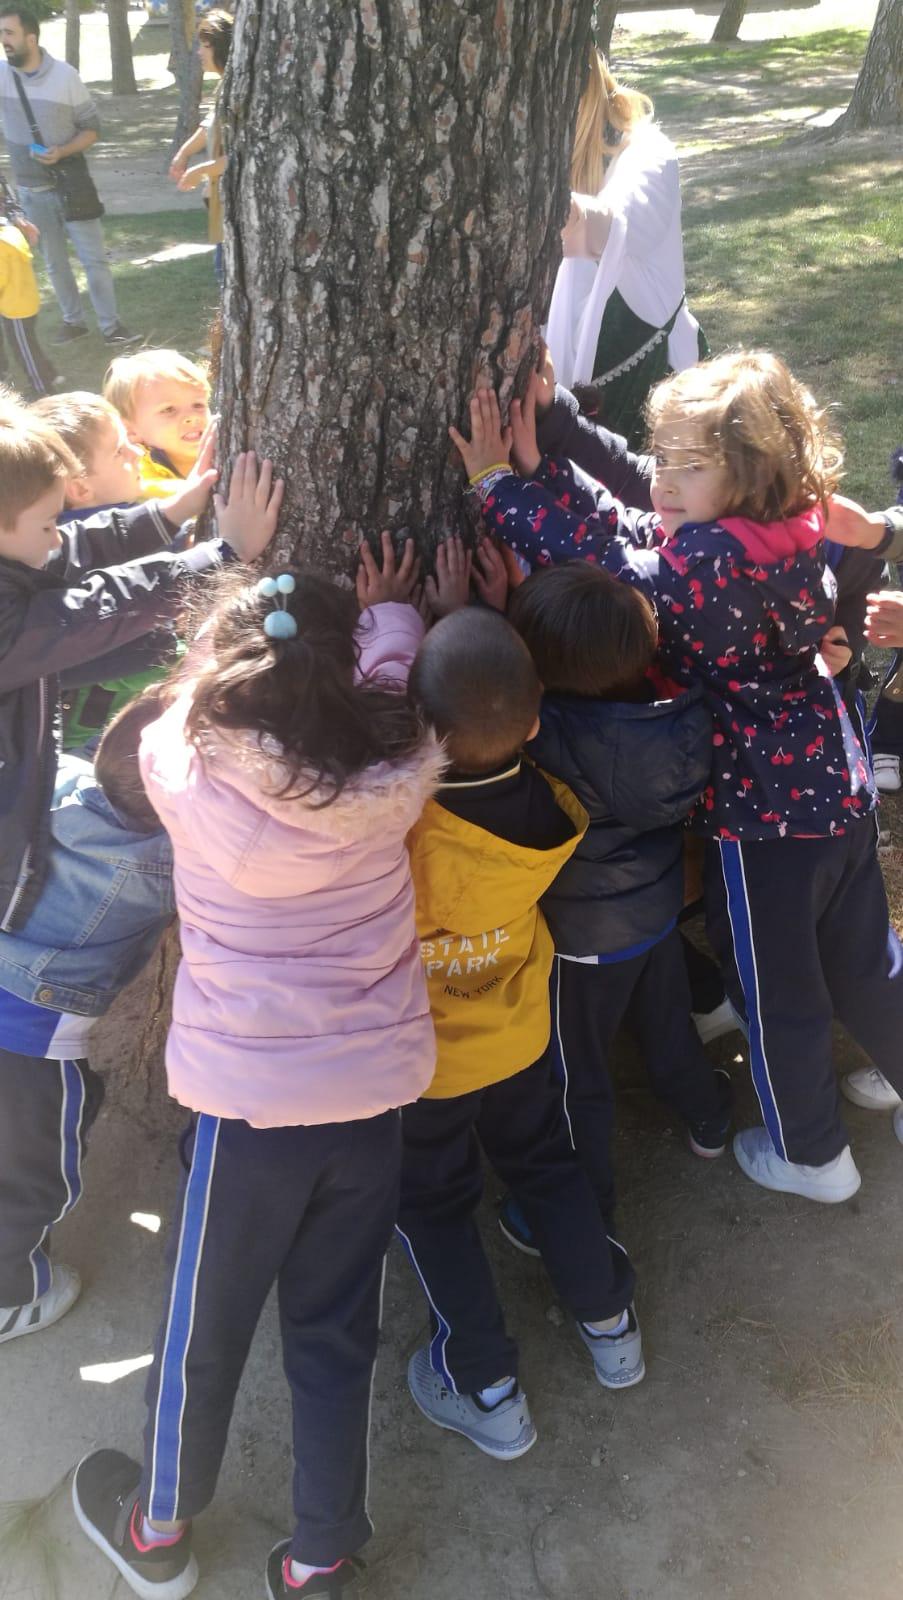 Infantil parque 2 2019